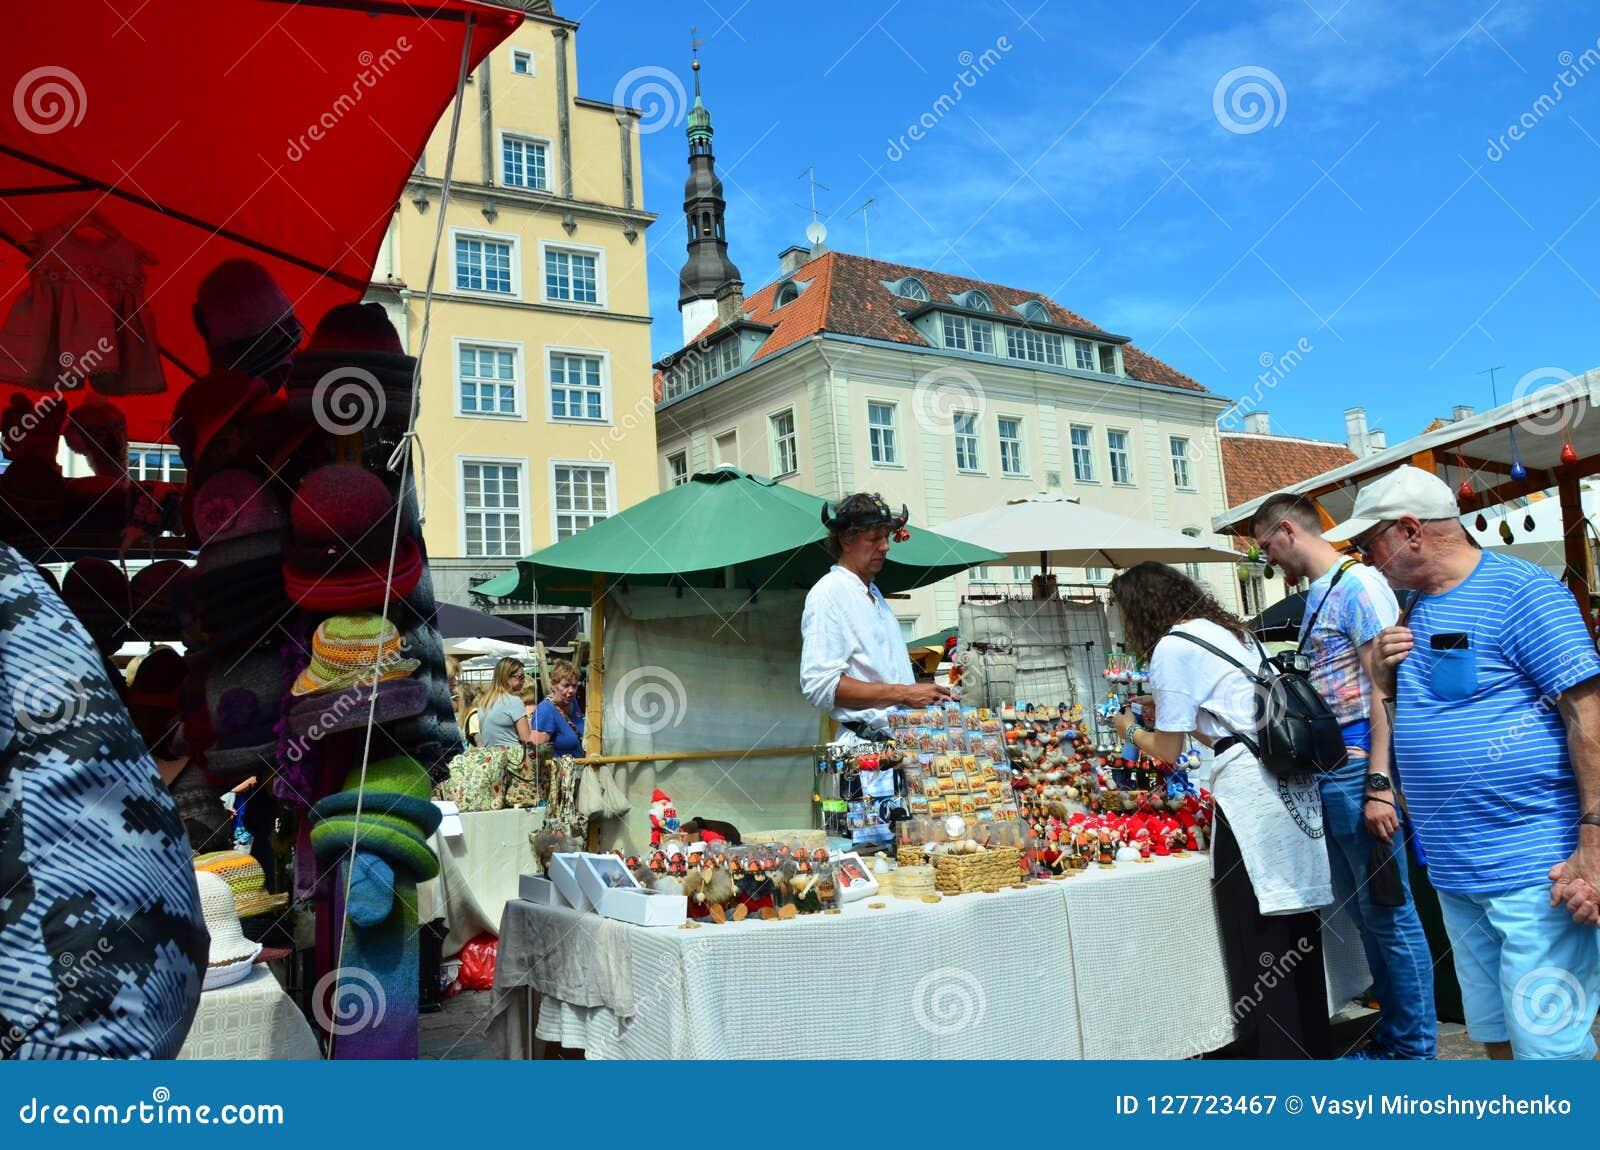 Markt in de hoofdstad van Estland Tallinn bij de Stad Hall Square i